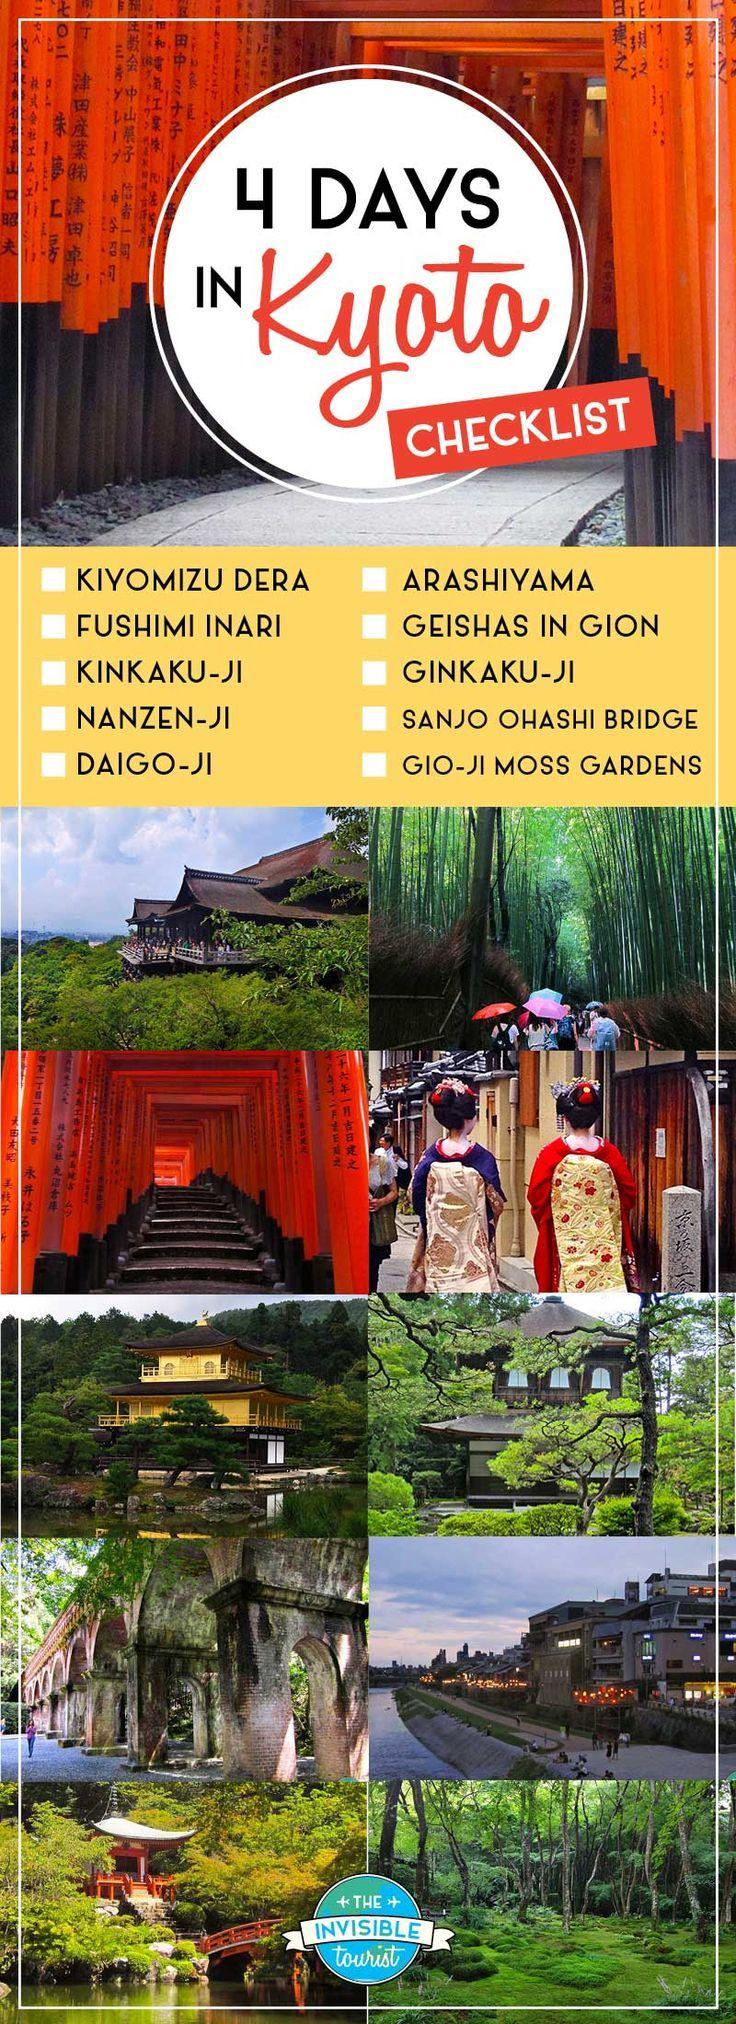 Kyoto Checklist. The Invisible Tourist. Travel in Asia.